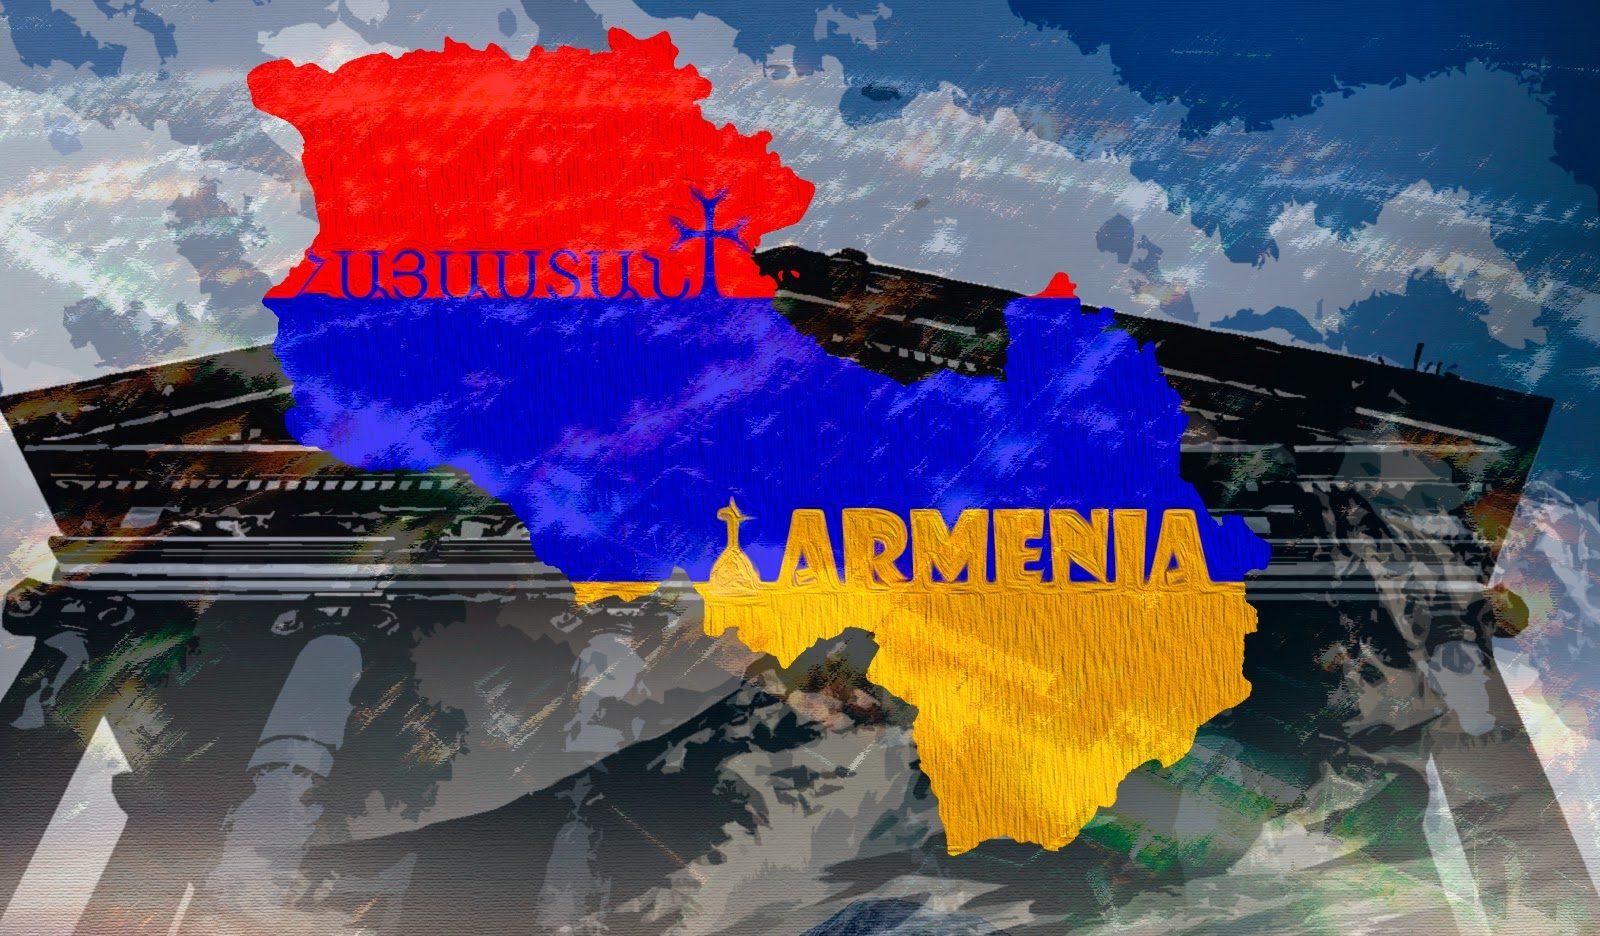 Հայաստան Armenia